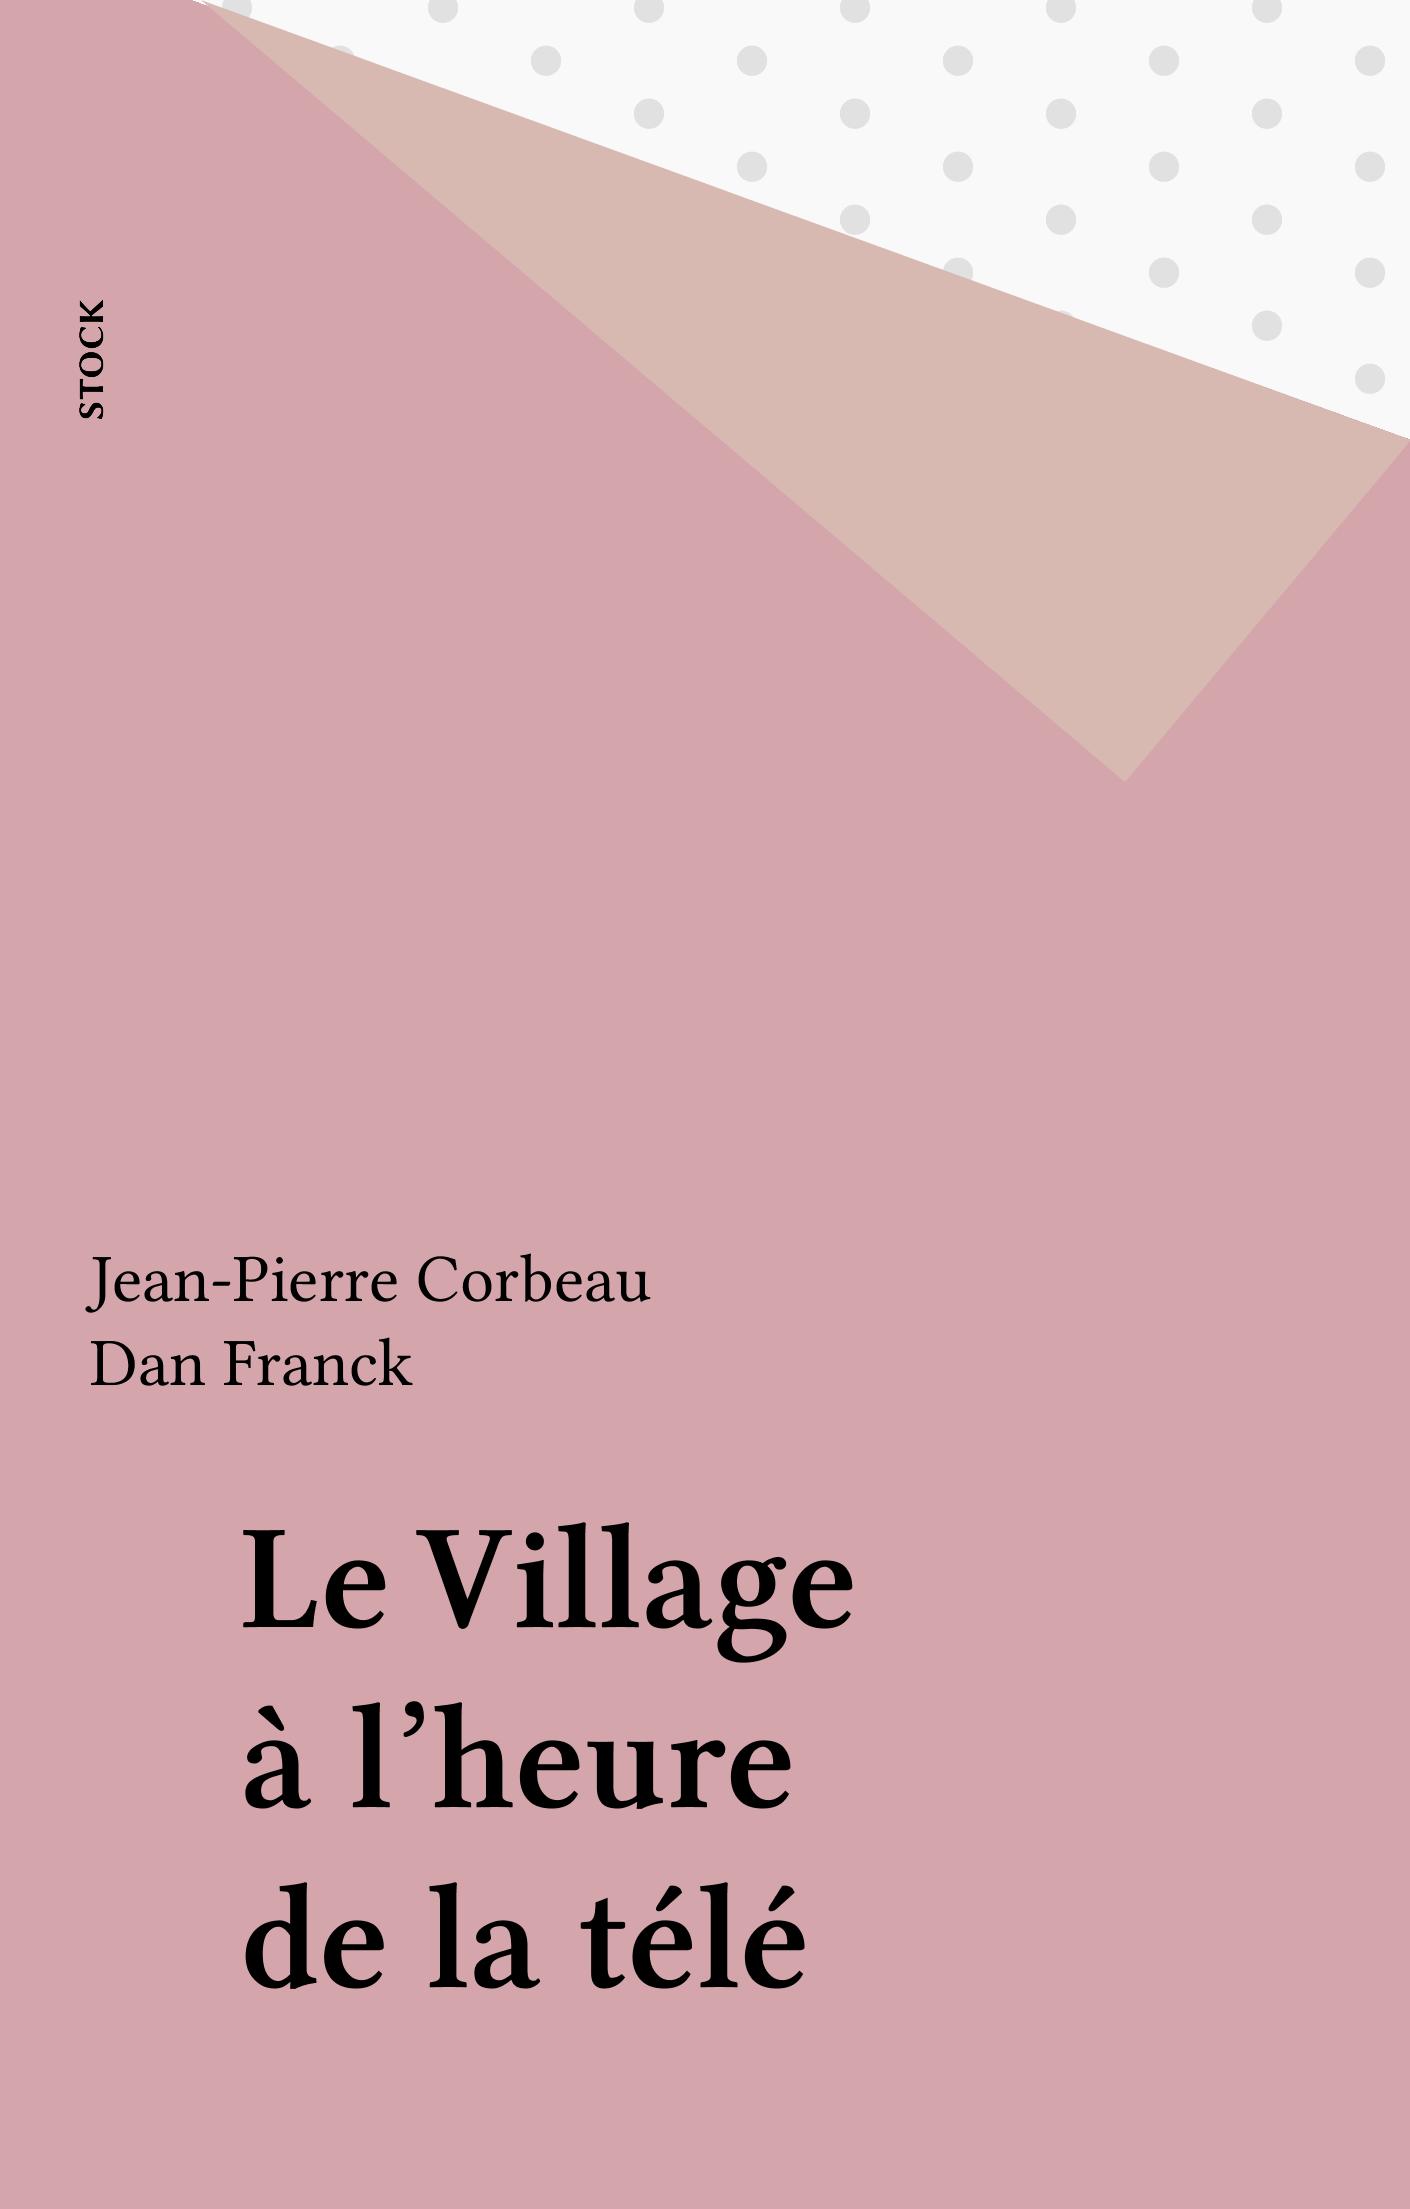 Le Village à l'heure de la télé